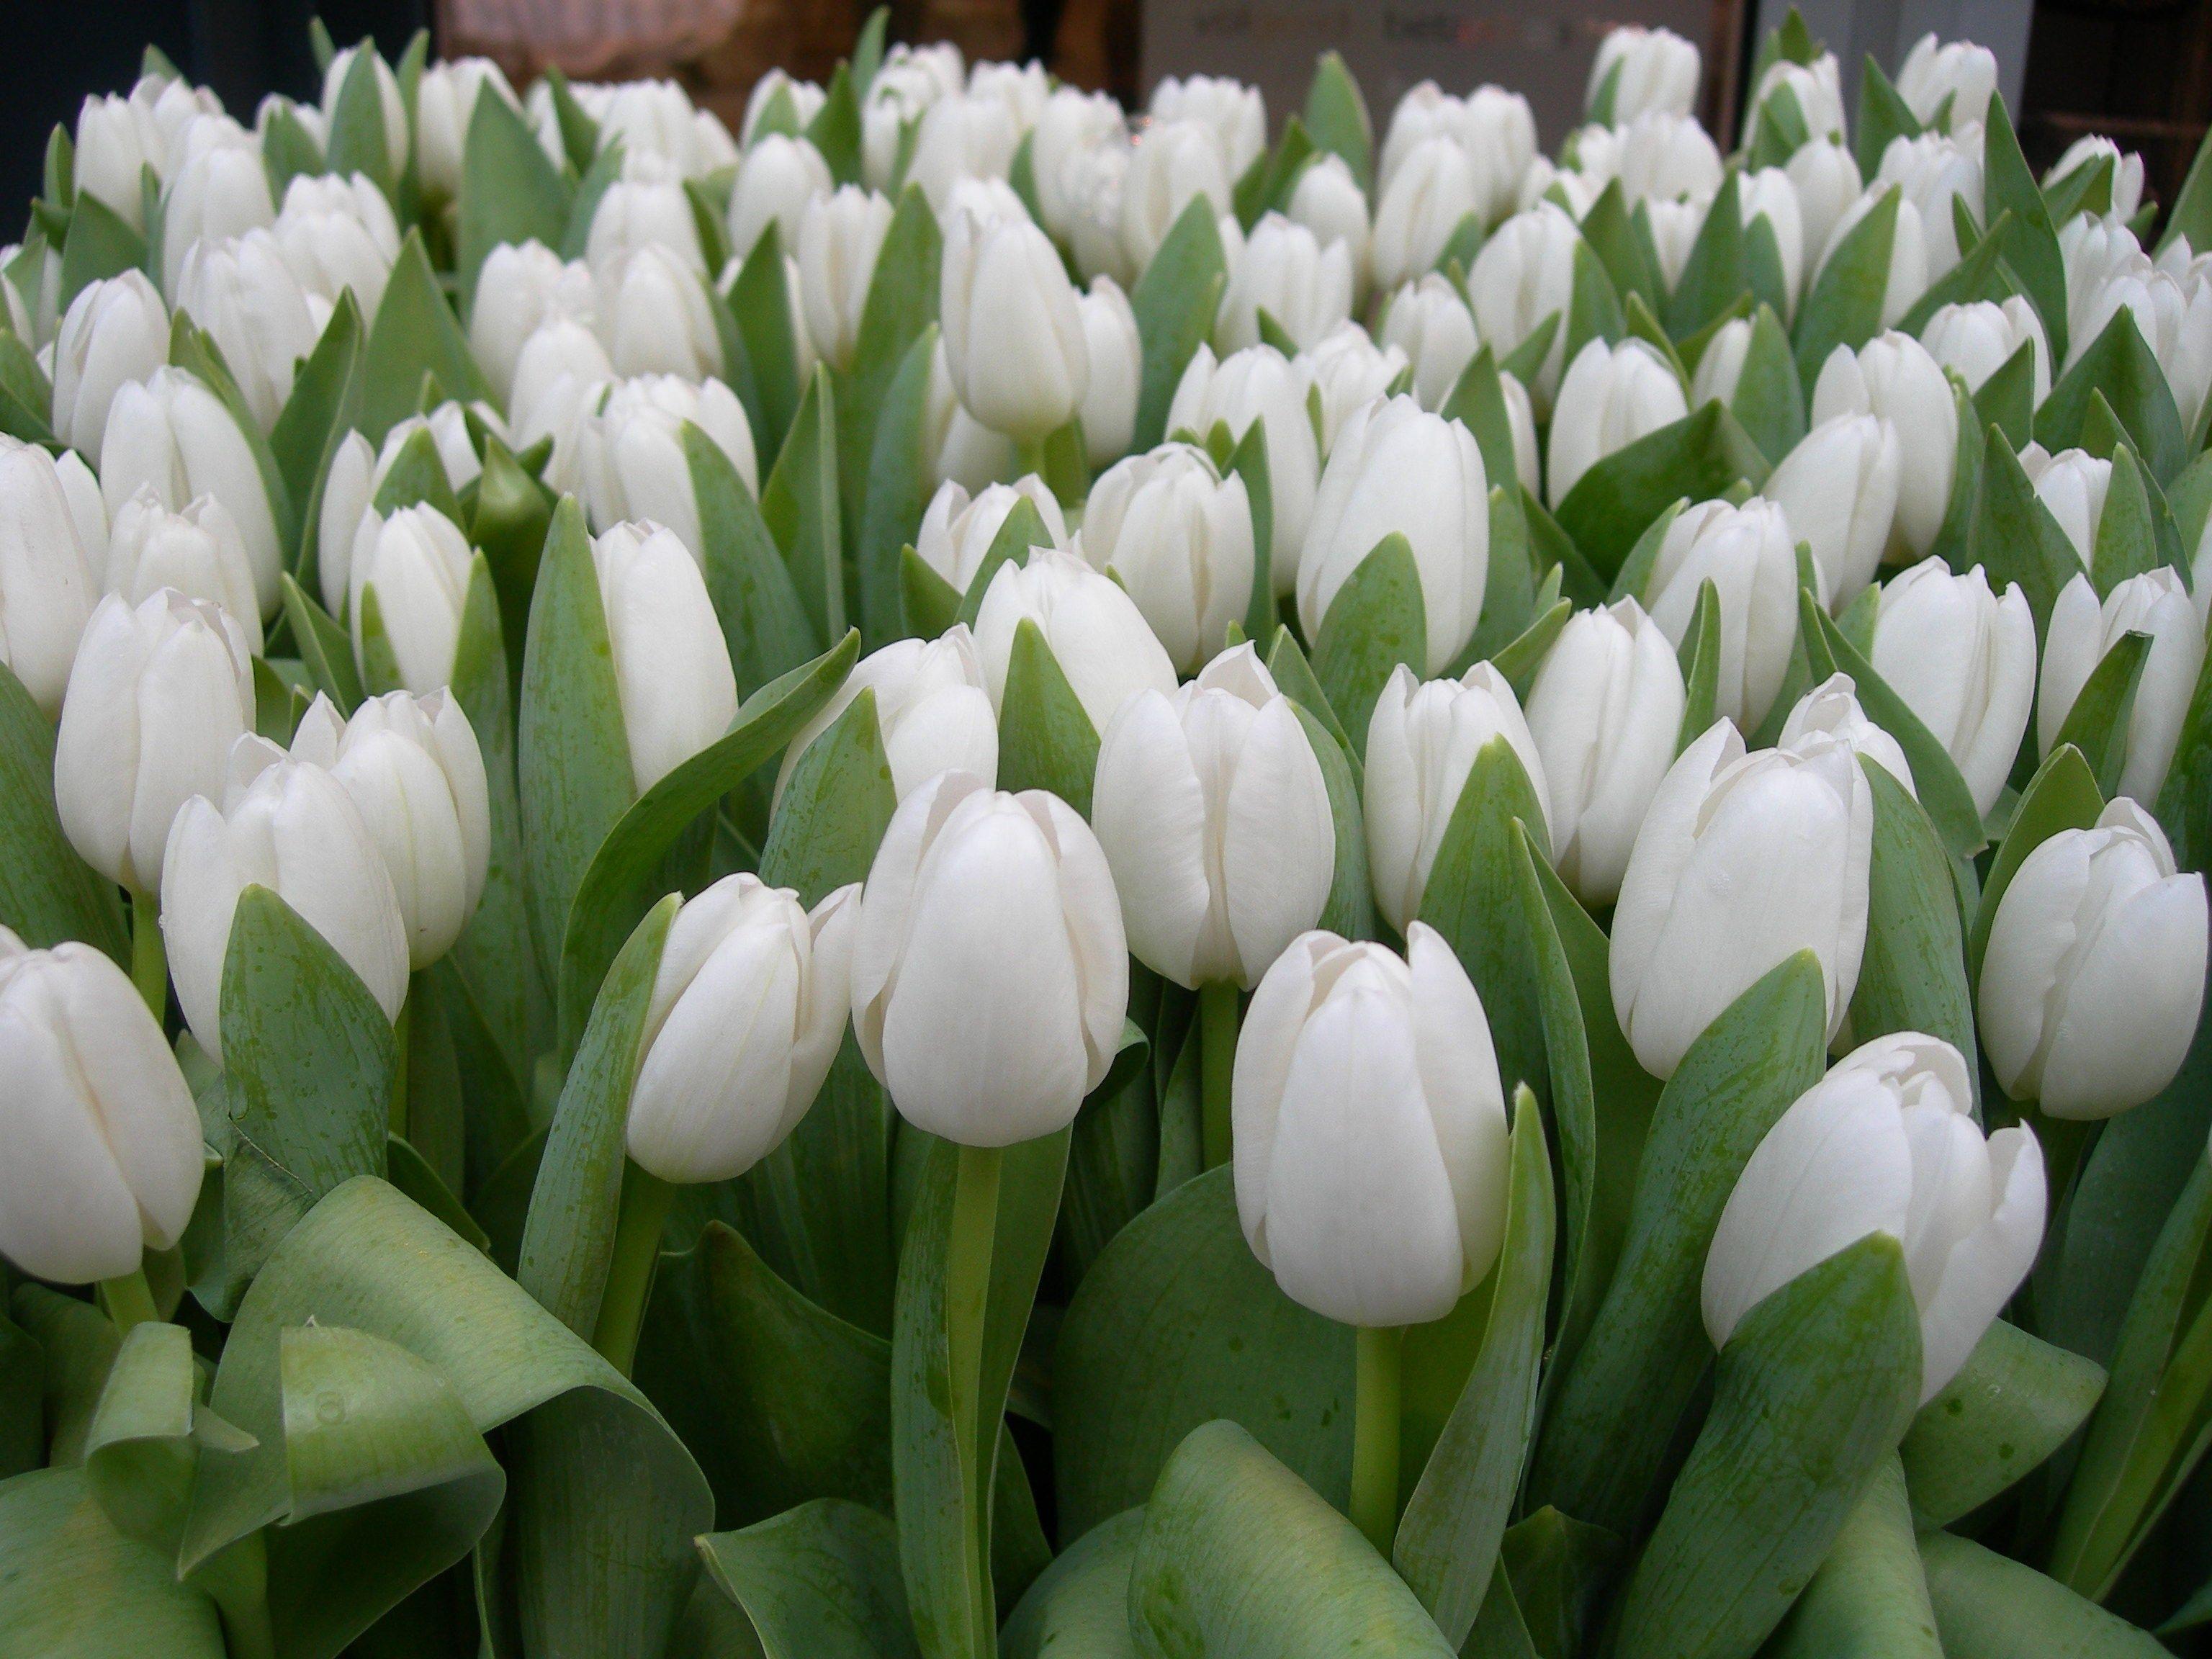 صور ورود بيضاء في غاية الروعة والجمال White Tulips Tulips Flowers Tulips Garden